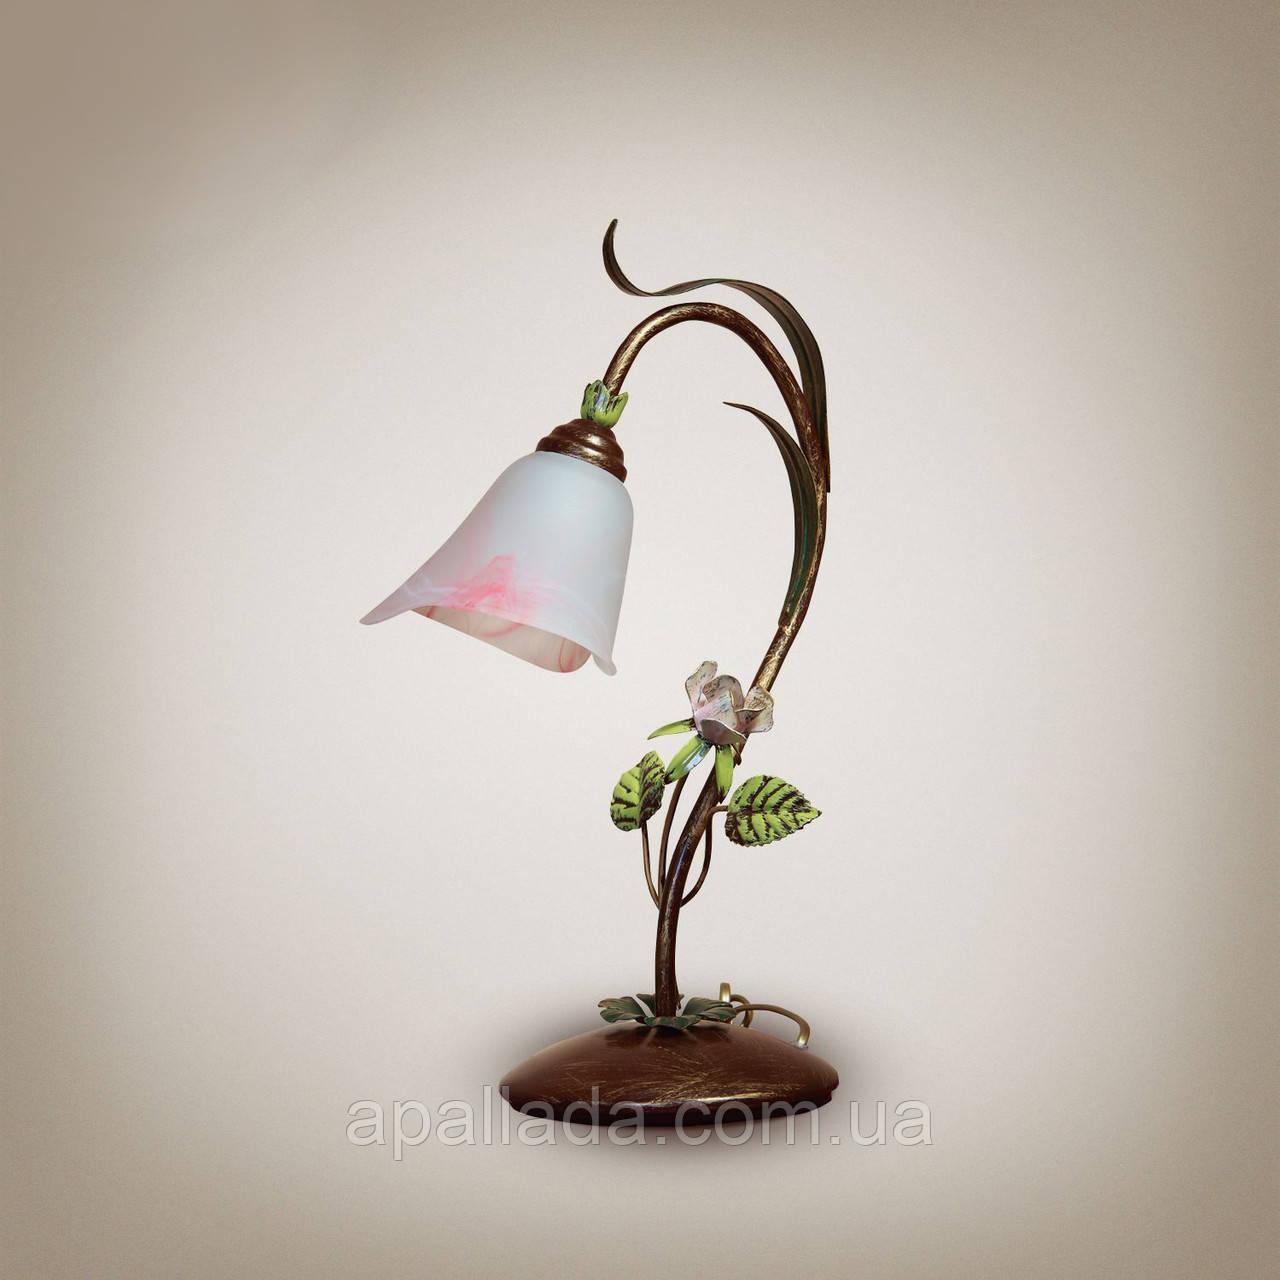 """Настільна лампа """"Квітка троянди"""""""